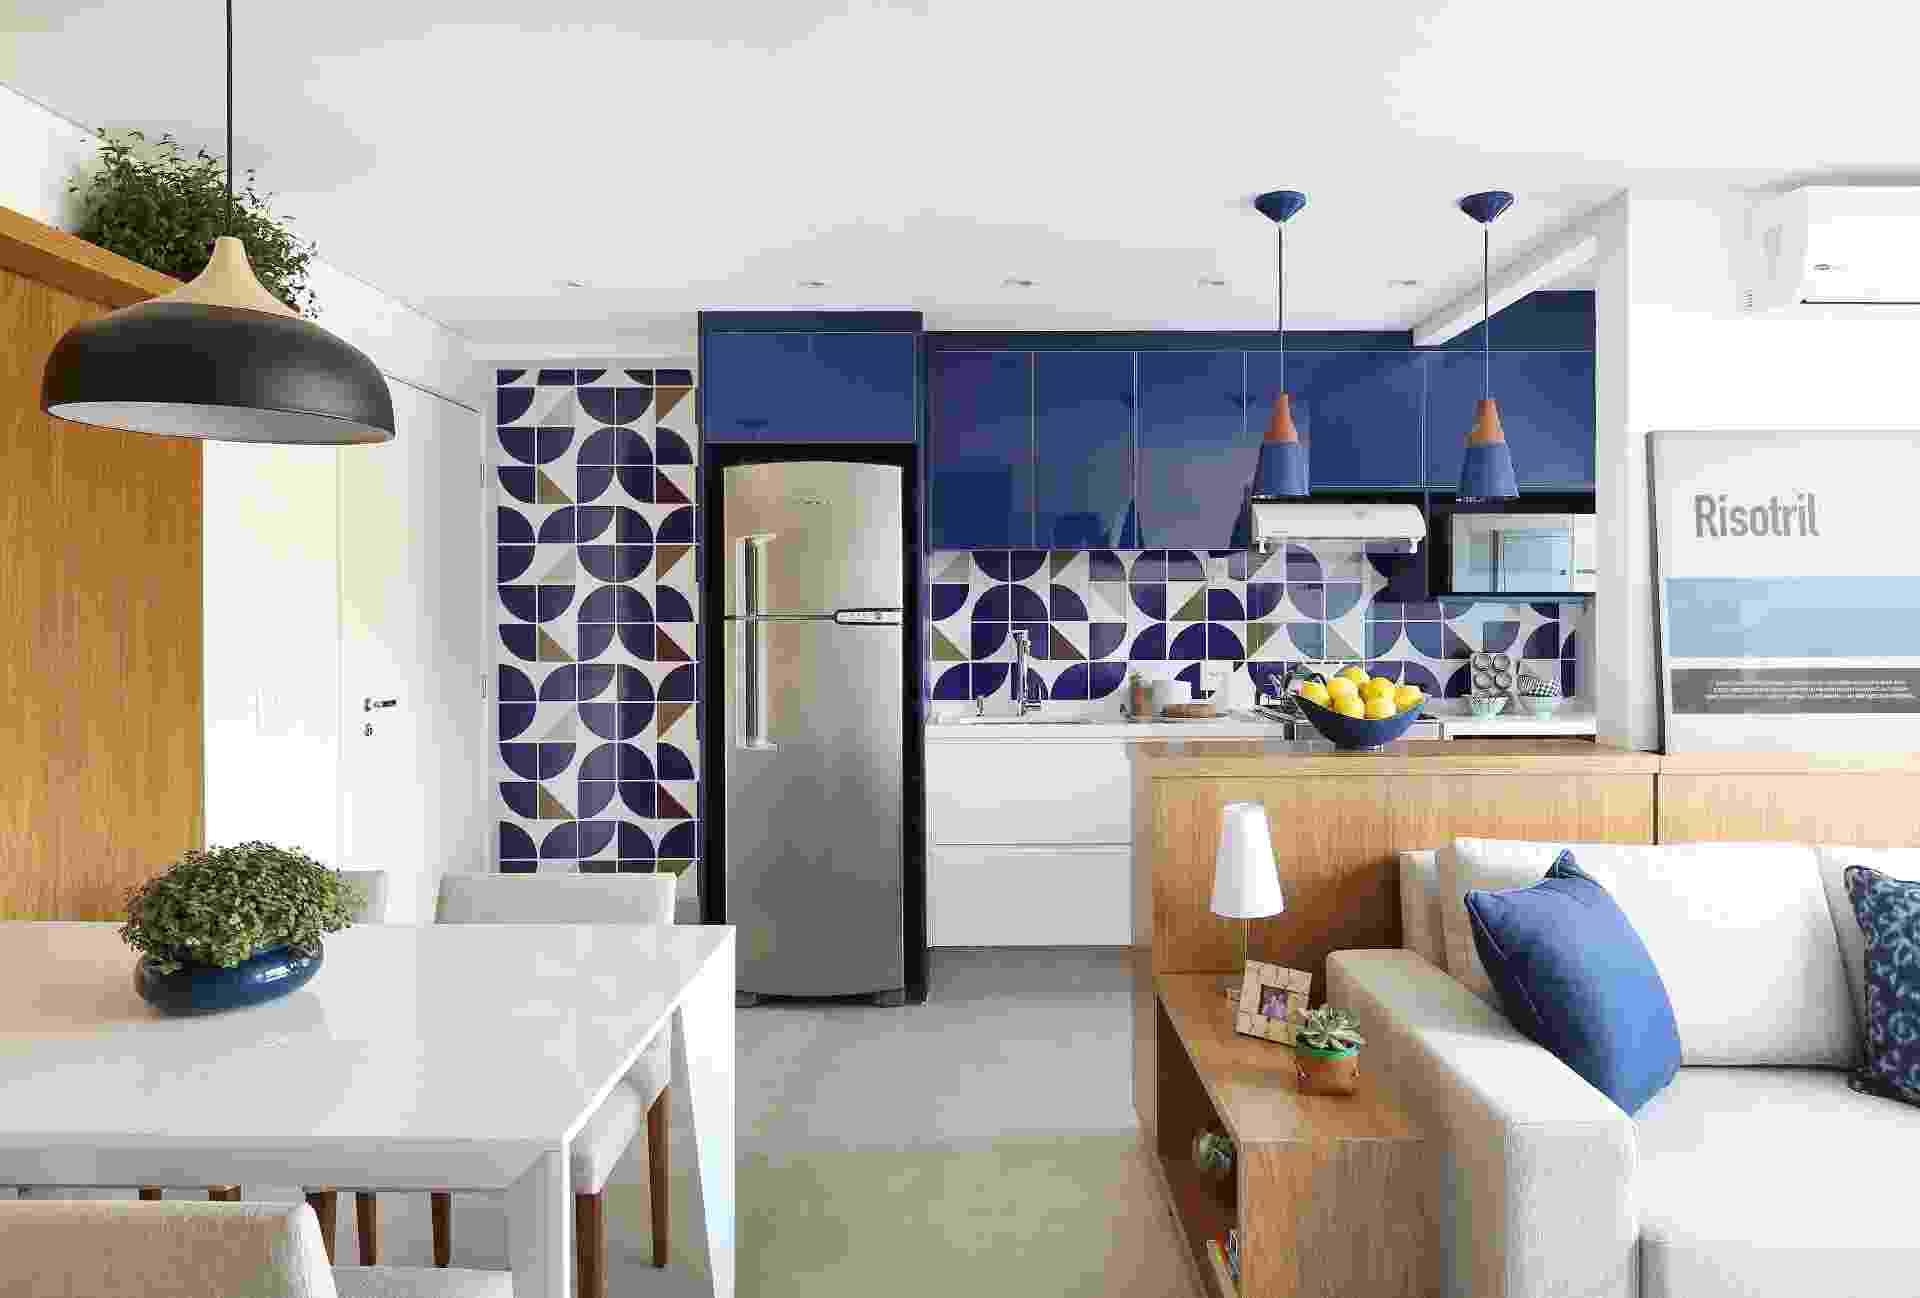 O Rio, a arquitetura moderna e as obras de Athos Bulcão inspiraram o escritório Samaia Arquitetura neste projeto do imóvel de 52 m². A retirada da parede que dividia sala e cozinha eliminou o corredor de entrada para o estar. Atrás do sofá, o aparador da cozinha serve de apoio para quadros. Já a madeira contrasta com o piso de porcelanato. Destaque para os azulejos (Lurca) da parede da cozinha - Mariana Orsi/ Divulgação